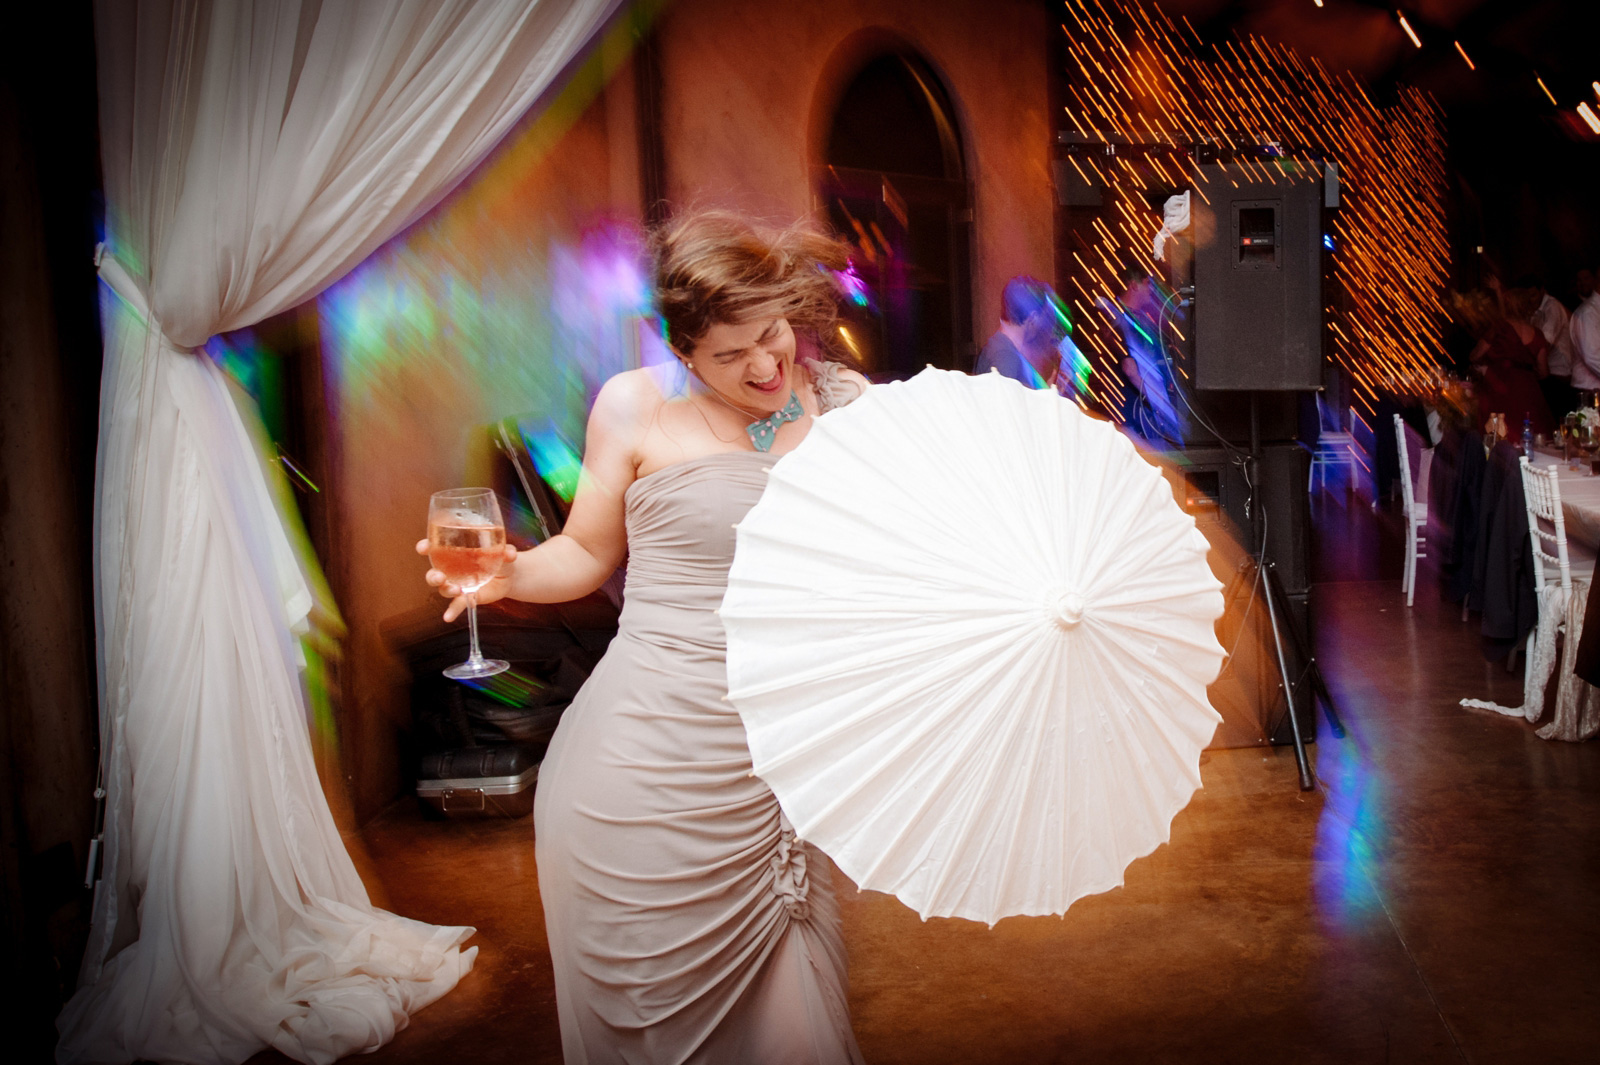 umbrella dancing